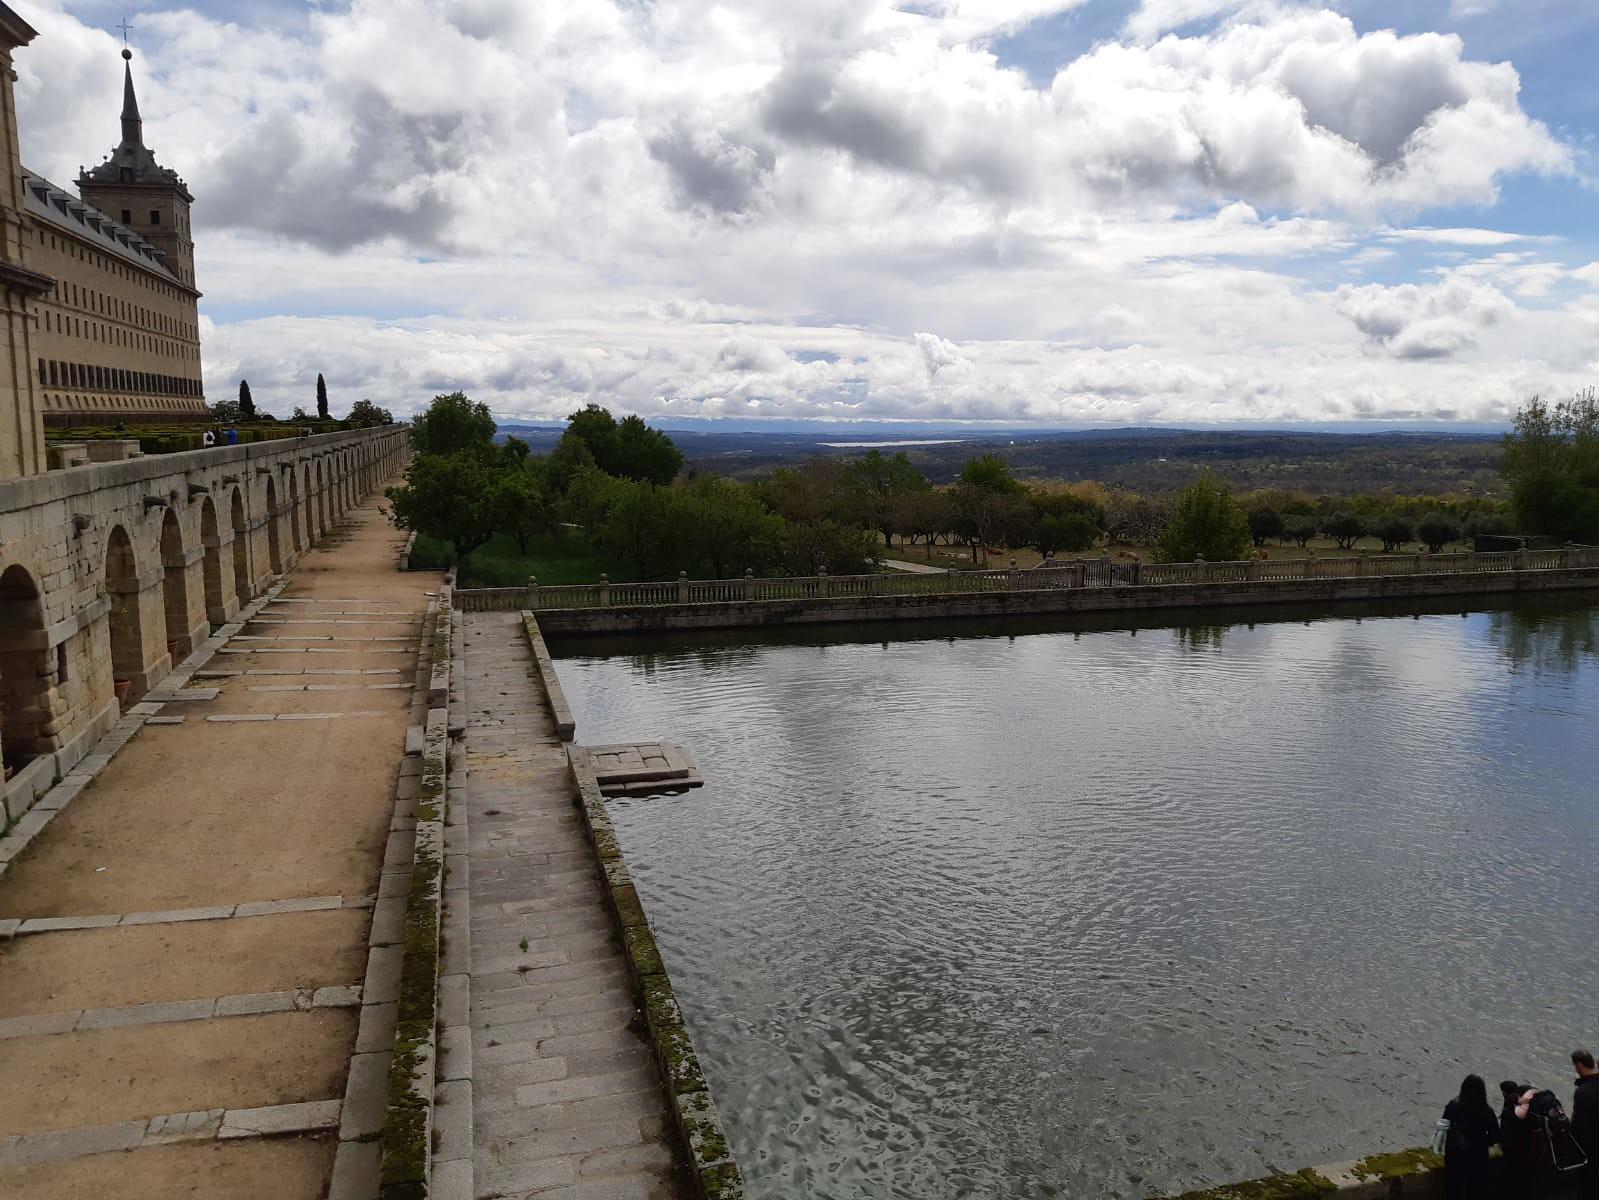 Vista de San Lorenzo del Escorial desde otra perspectiva.